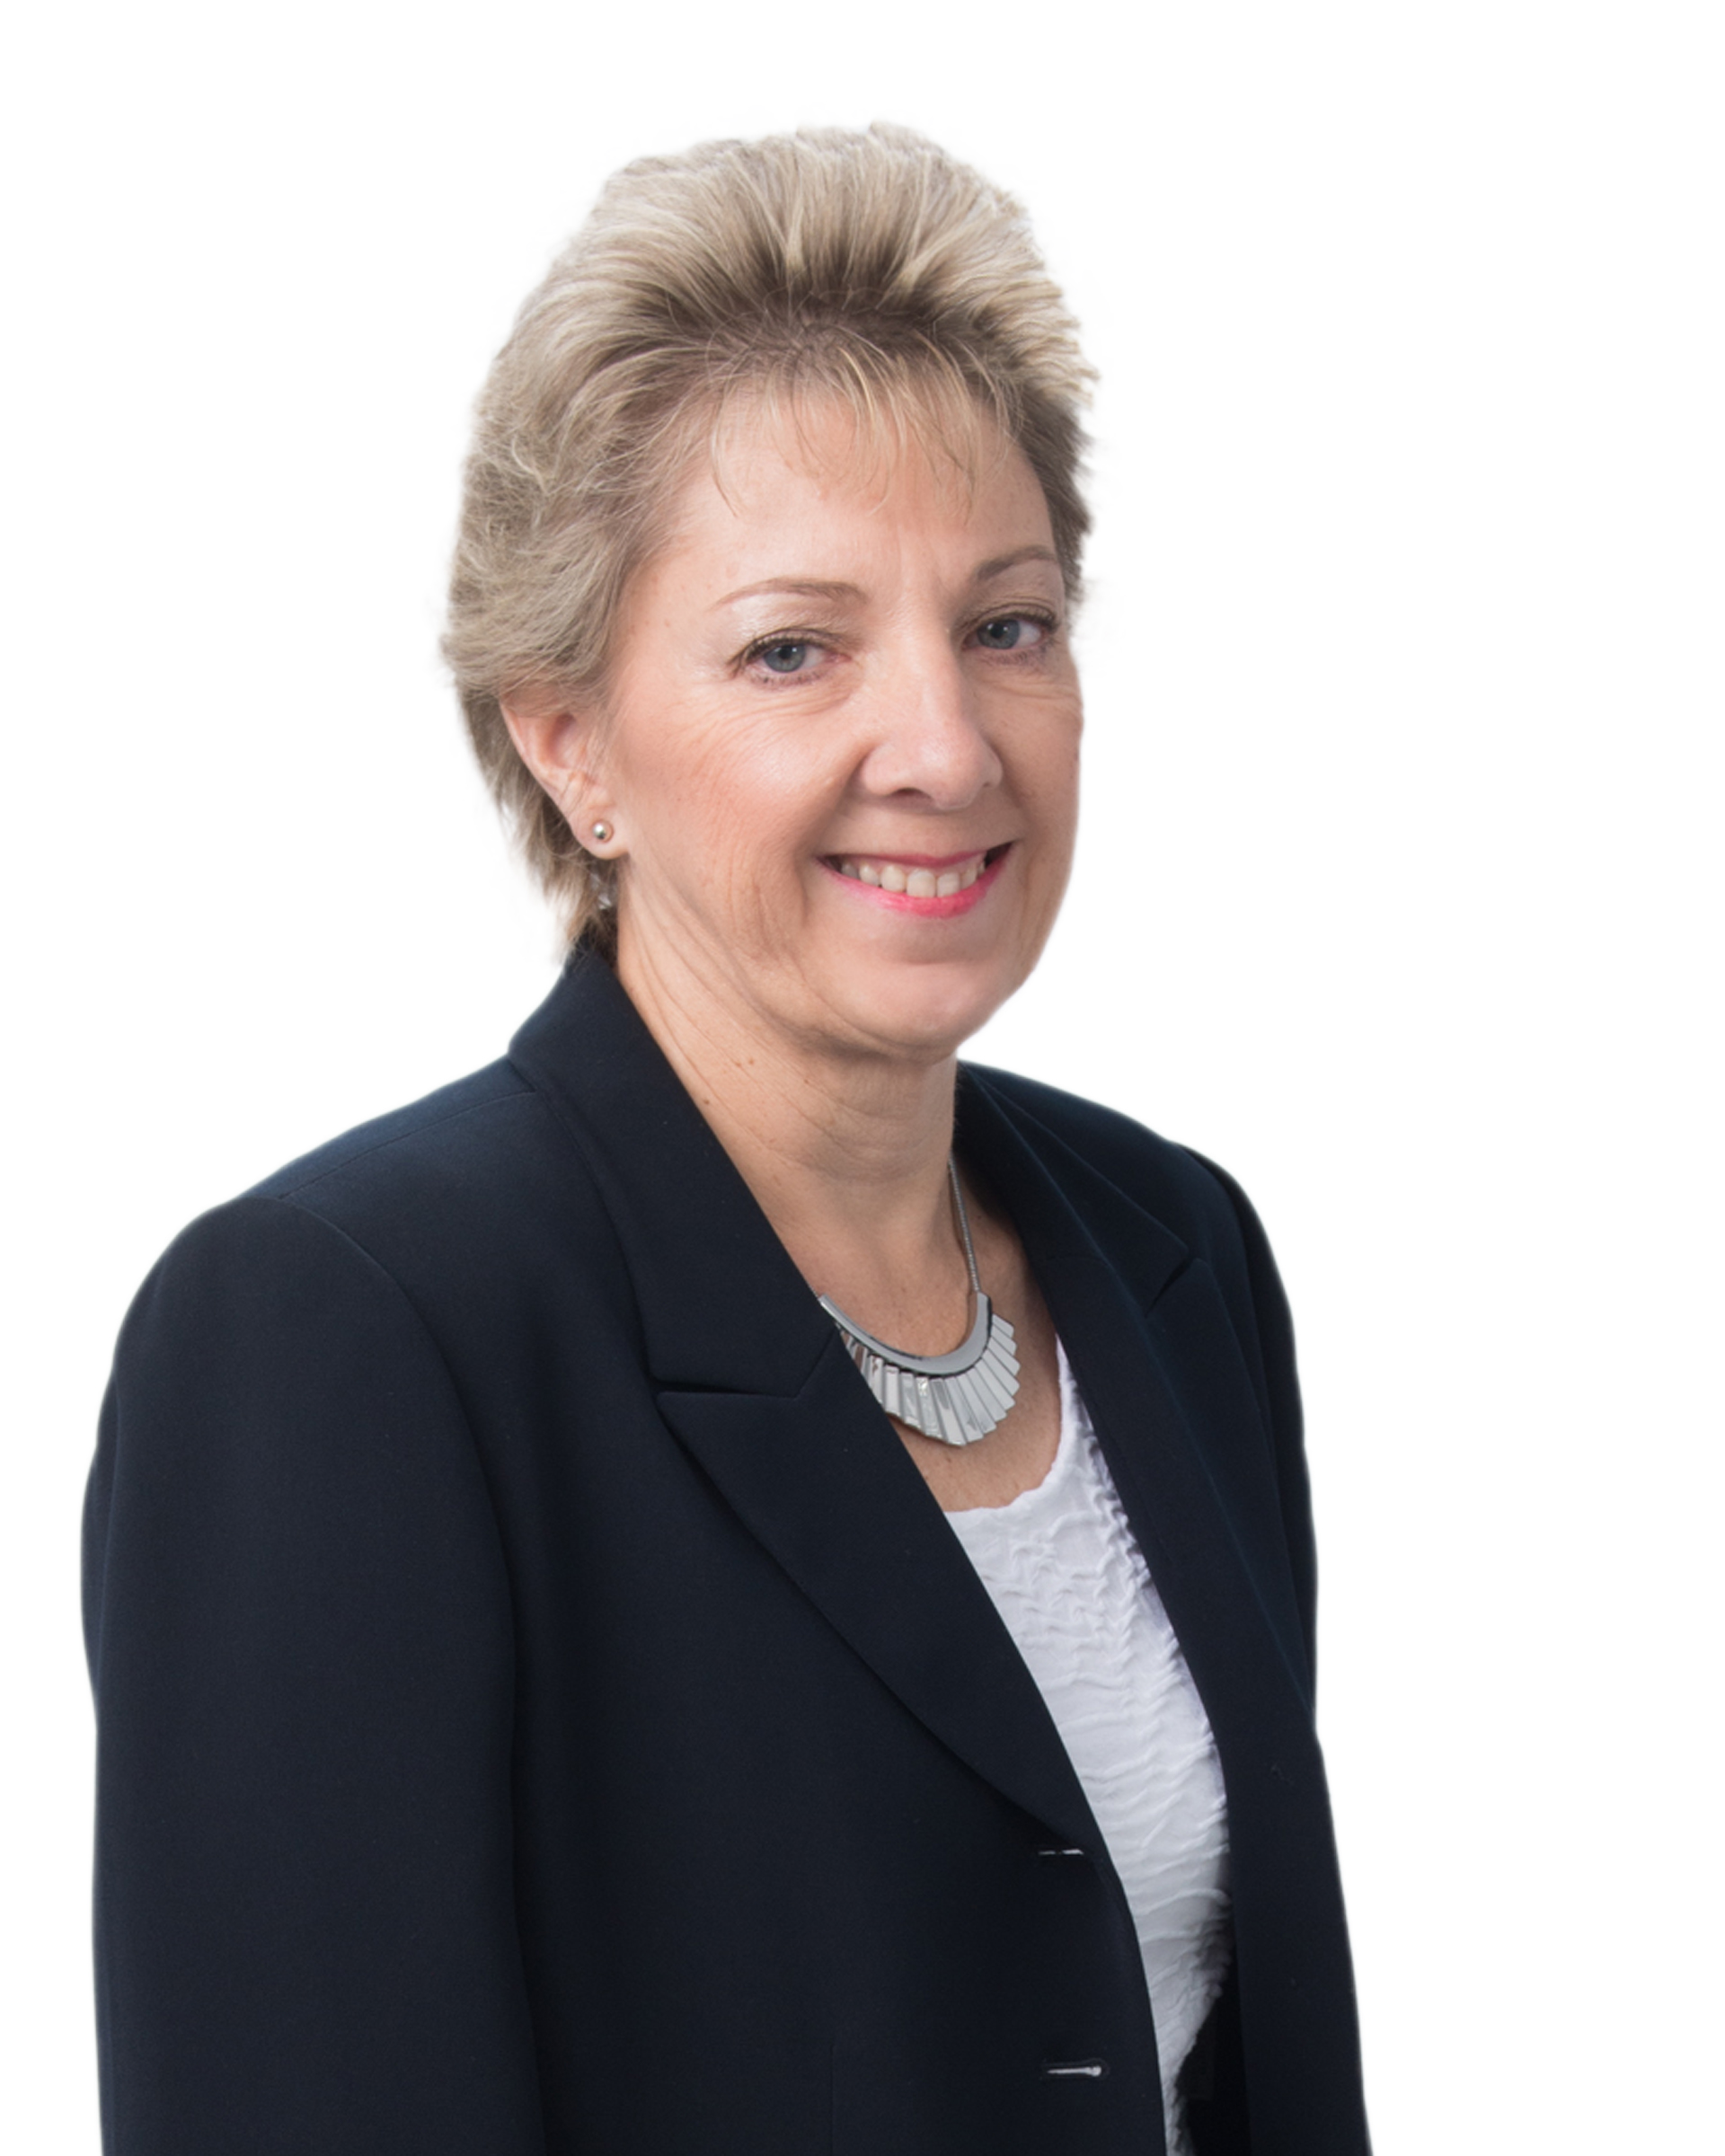 Susan Kane Carr